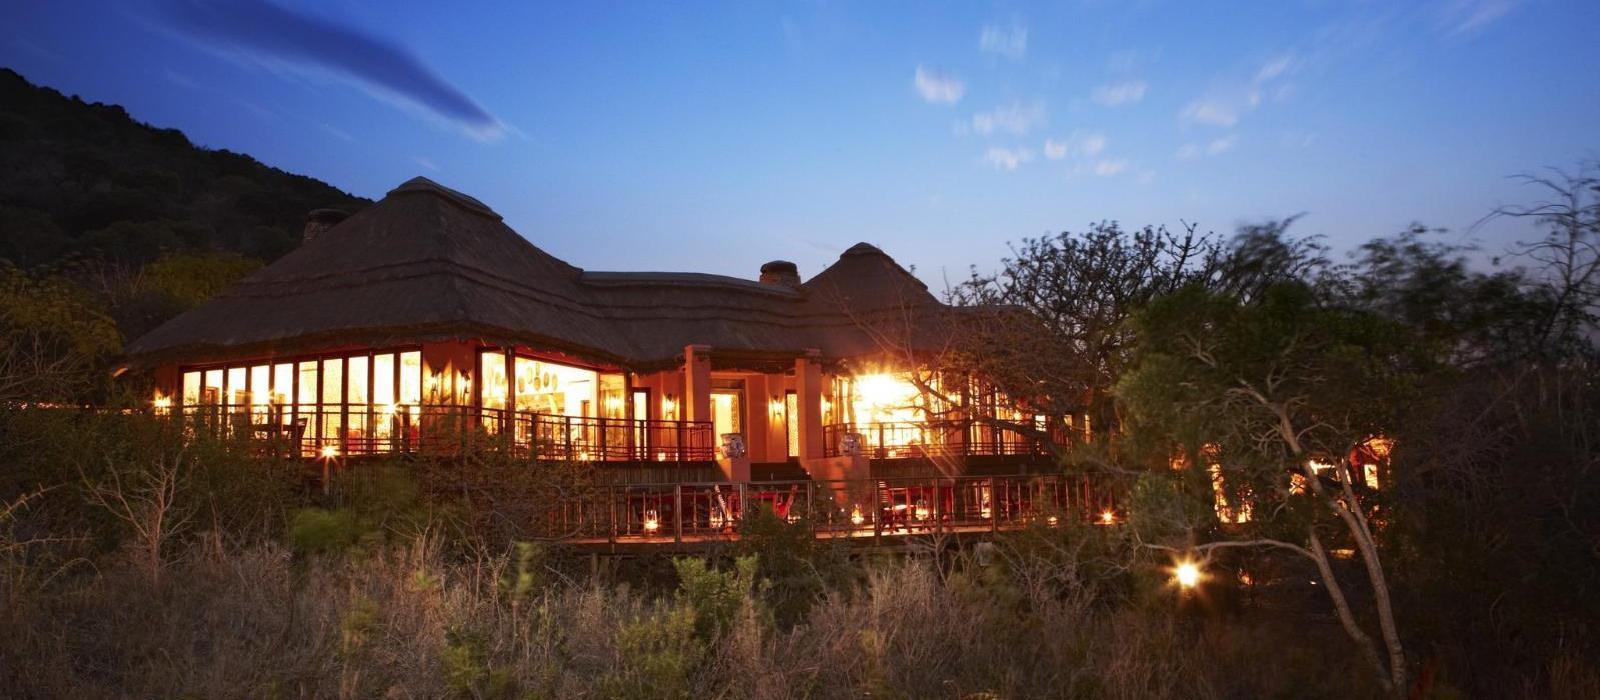 泰达自然保护区度假酒店(Thanda Safari) 图片  www.lhw.cn